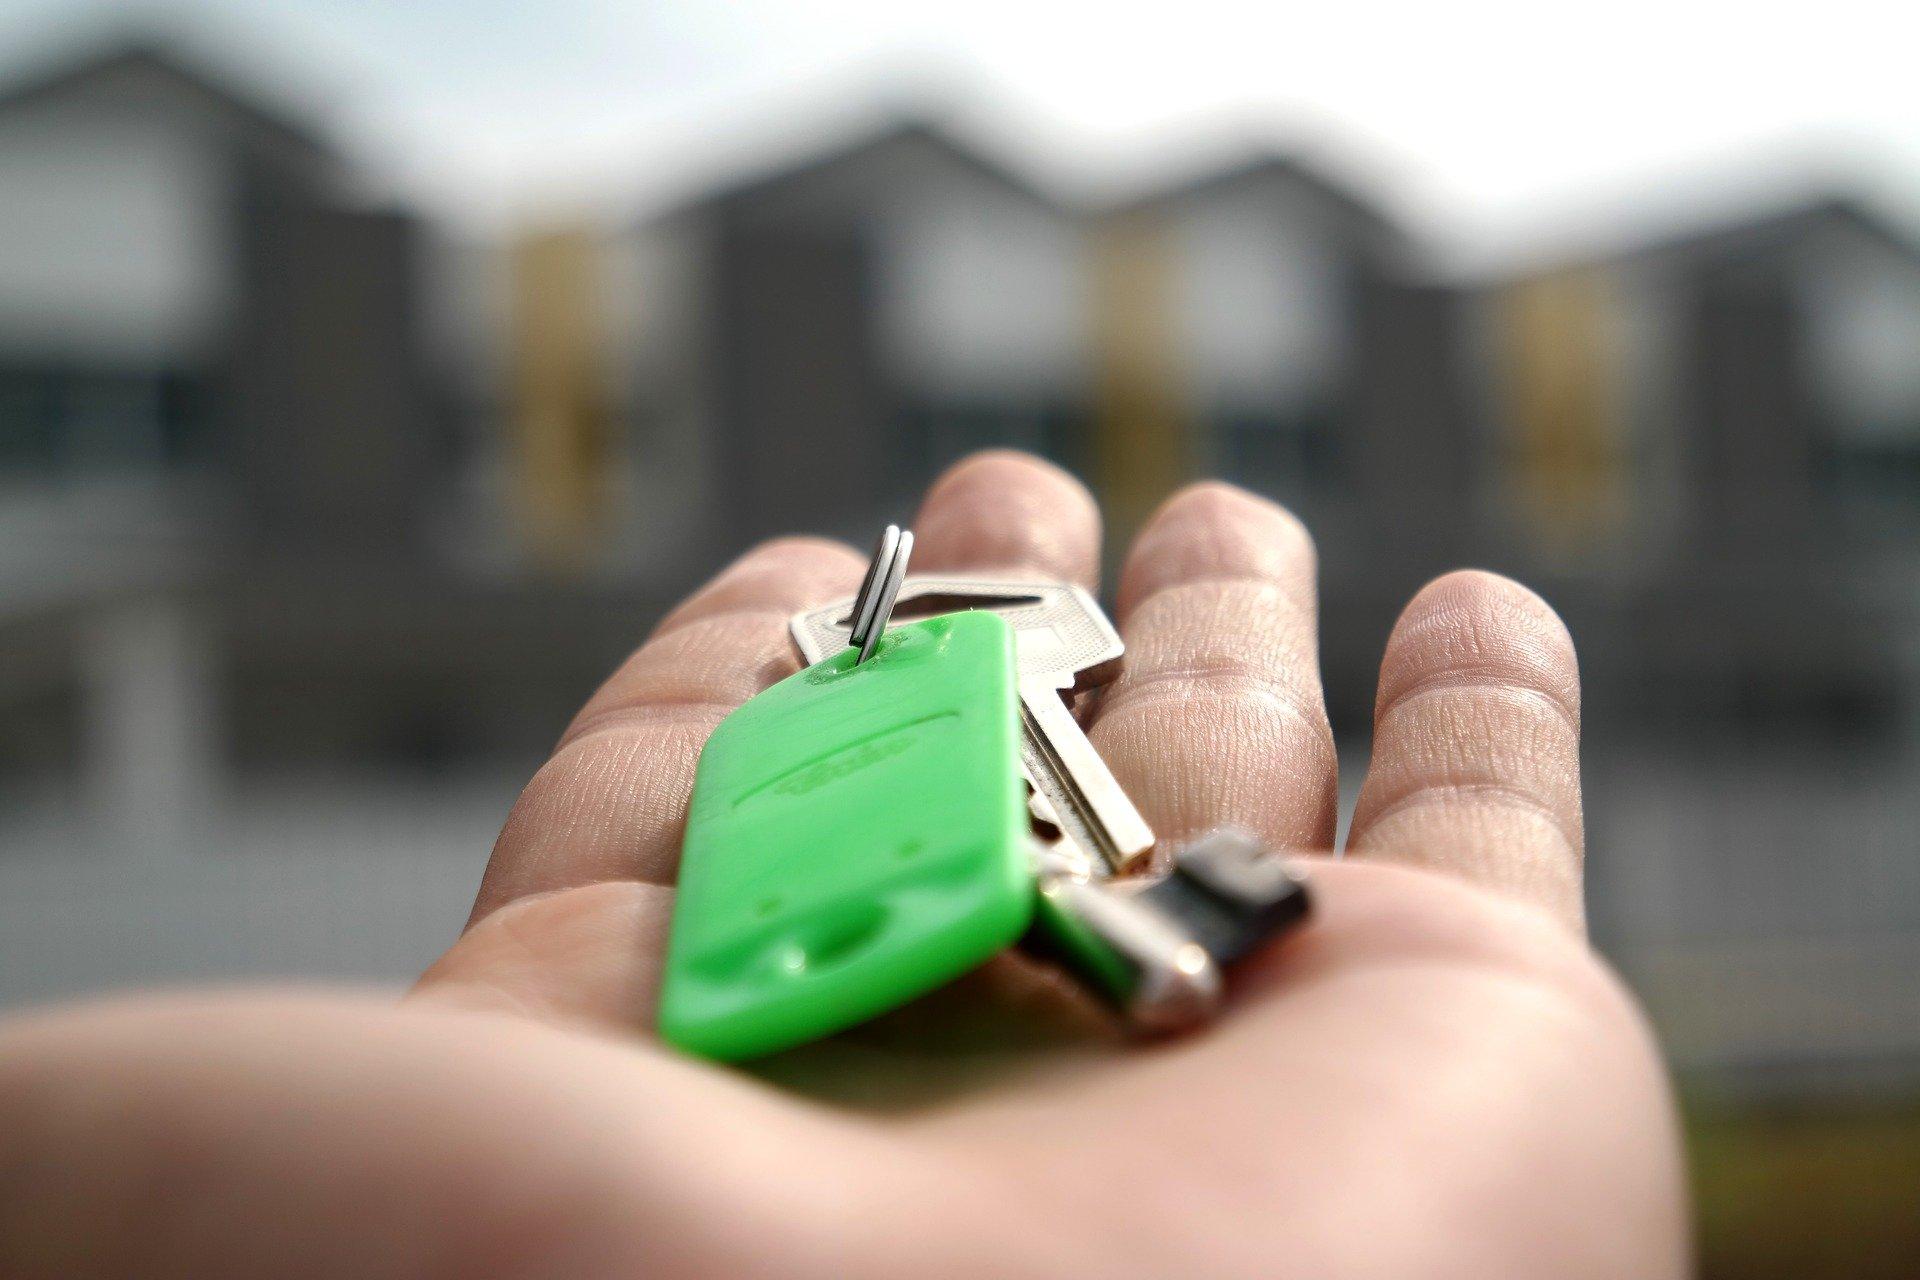 Jak znaleźć wymarzony dom lub mieszkanie? Pomogą Targi Mieszkań i Domów